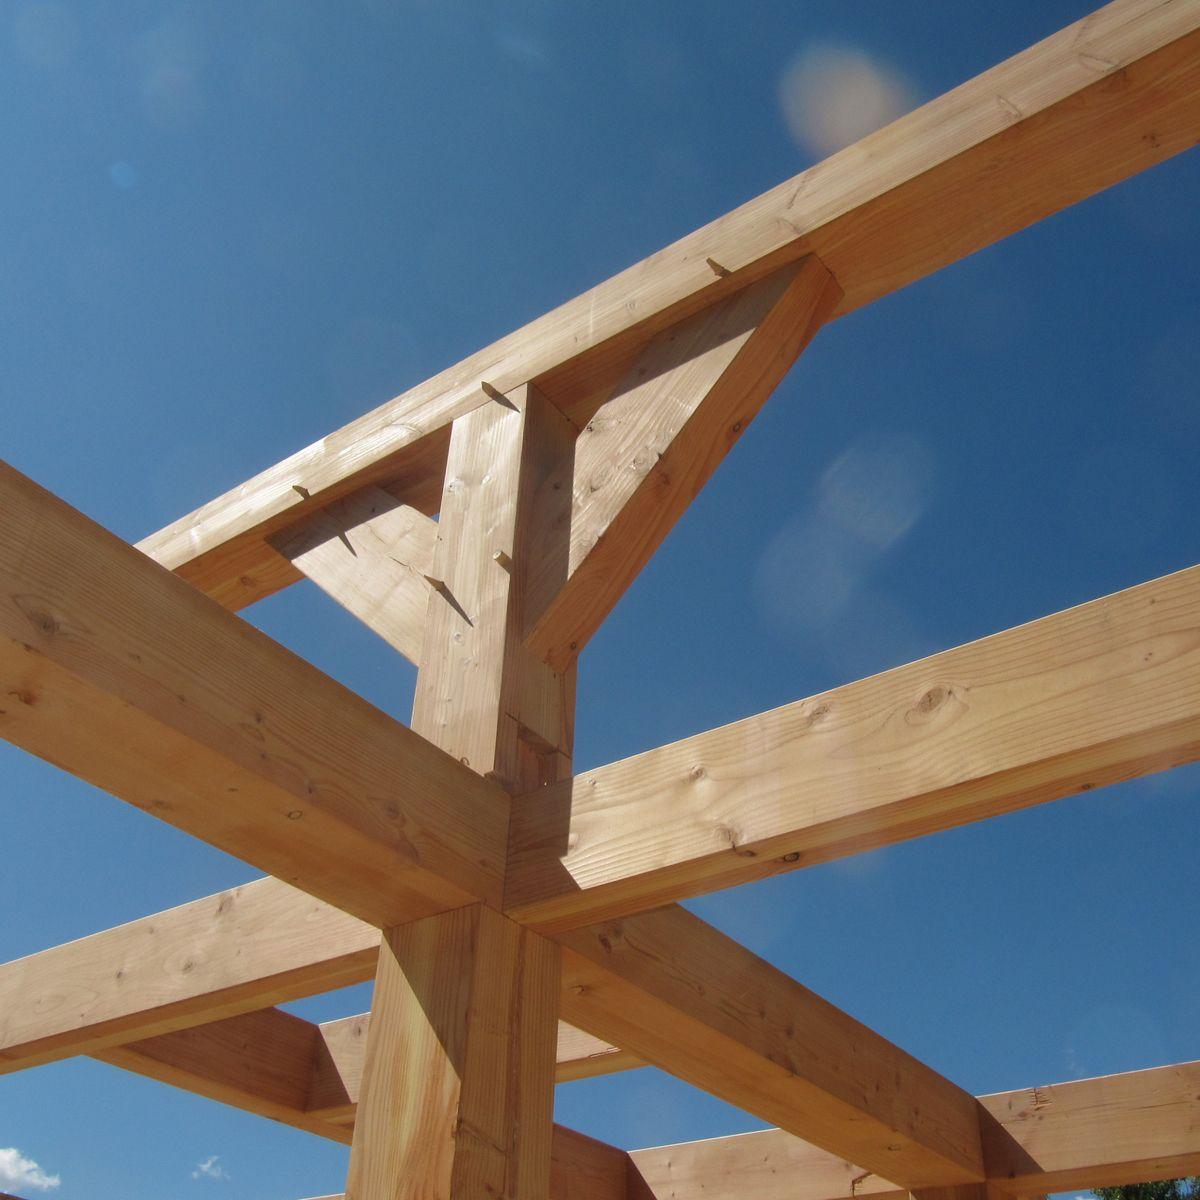 Assemblage poteau poutre bois rev tements modernes du toit for Constructeur de maison en bois poteau poutre